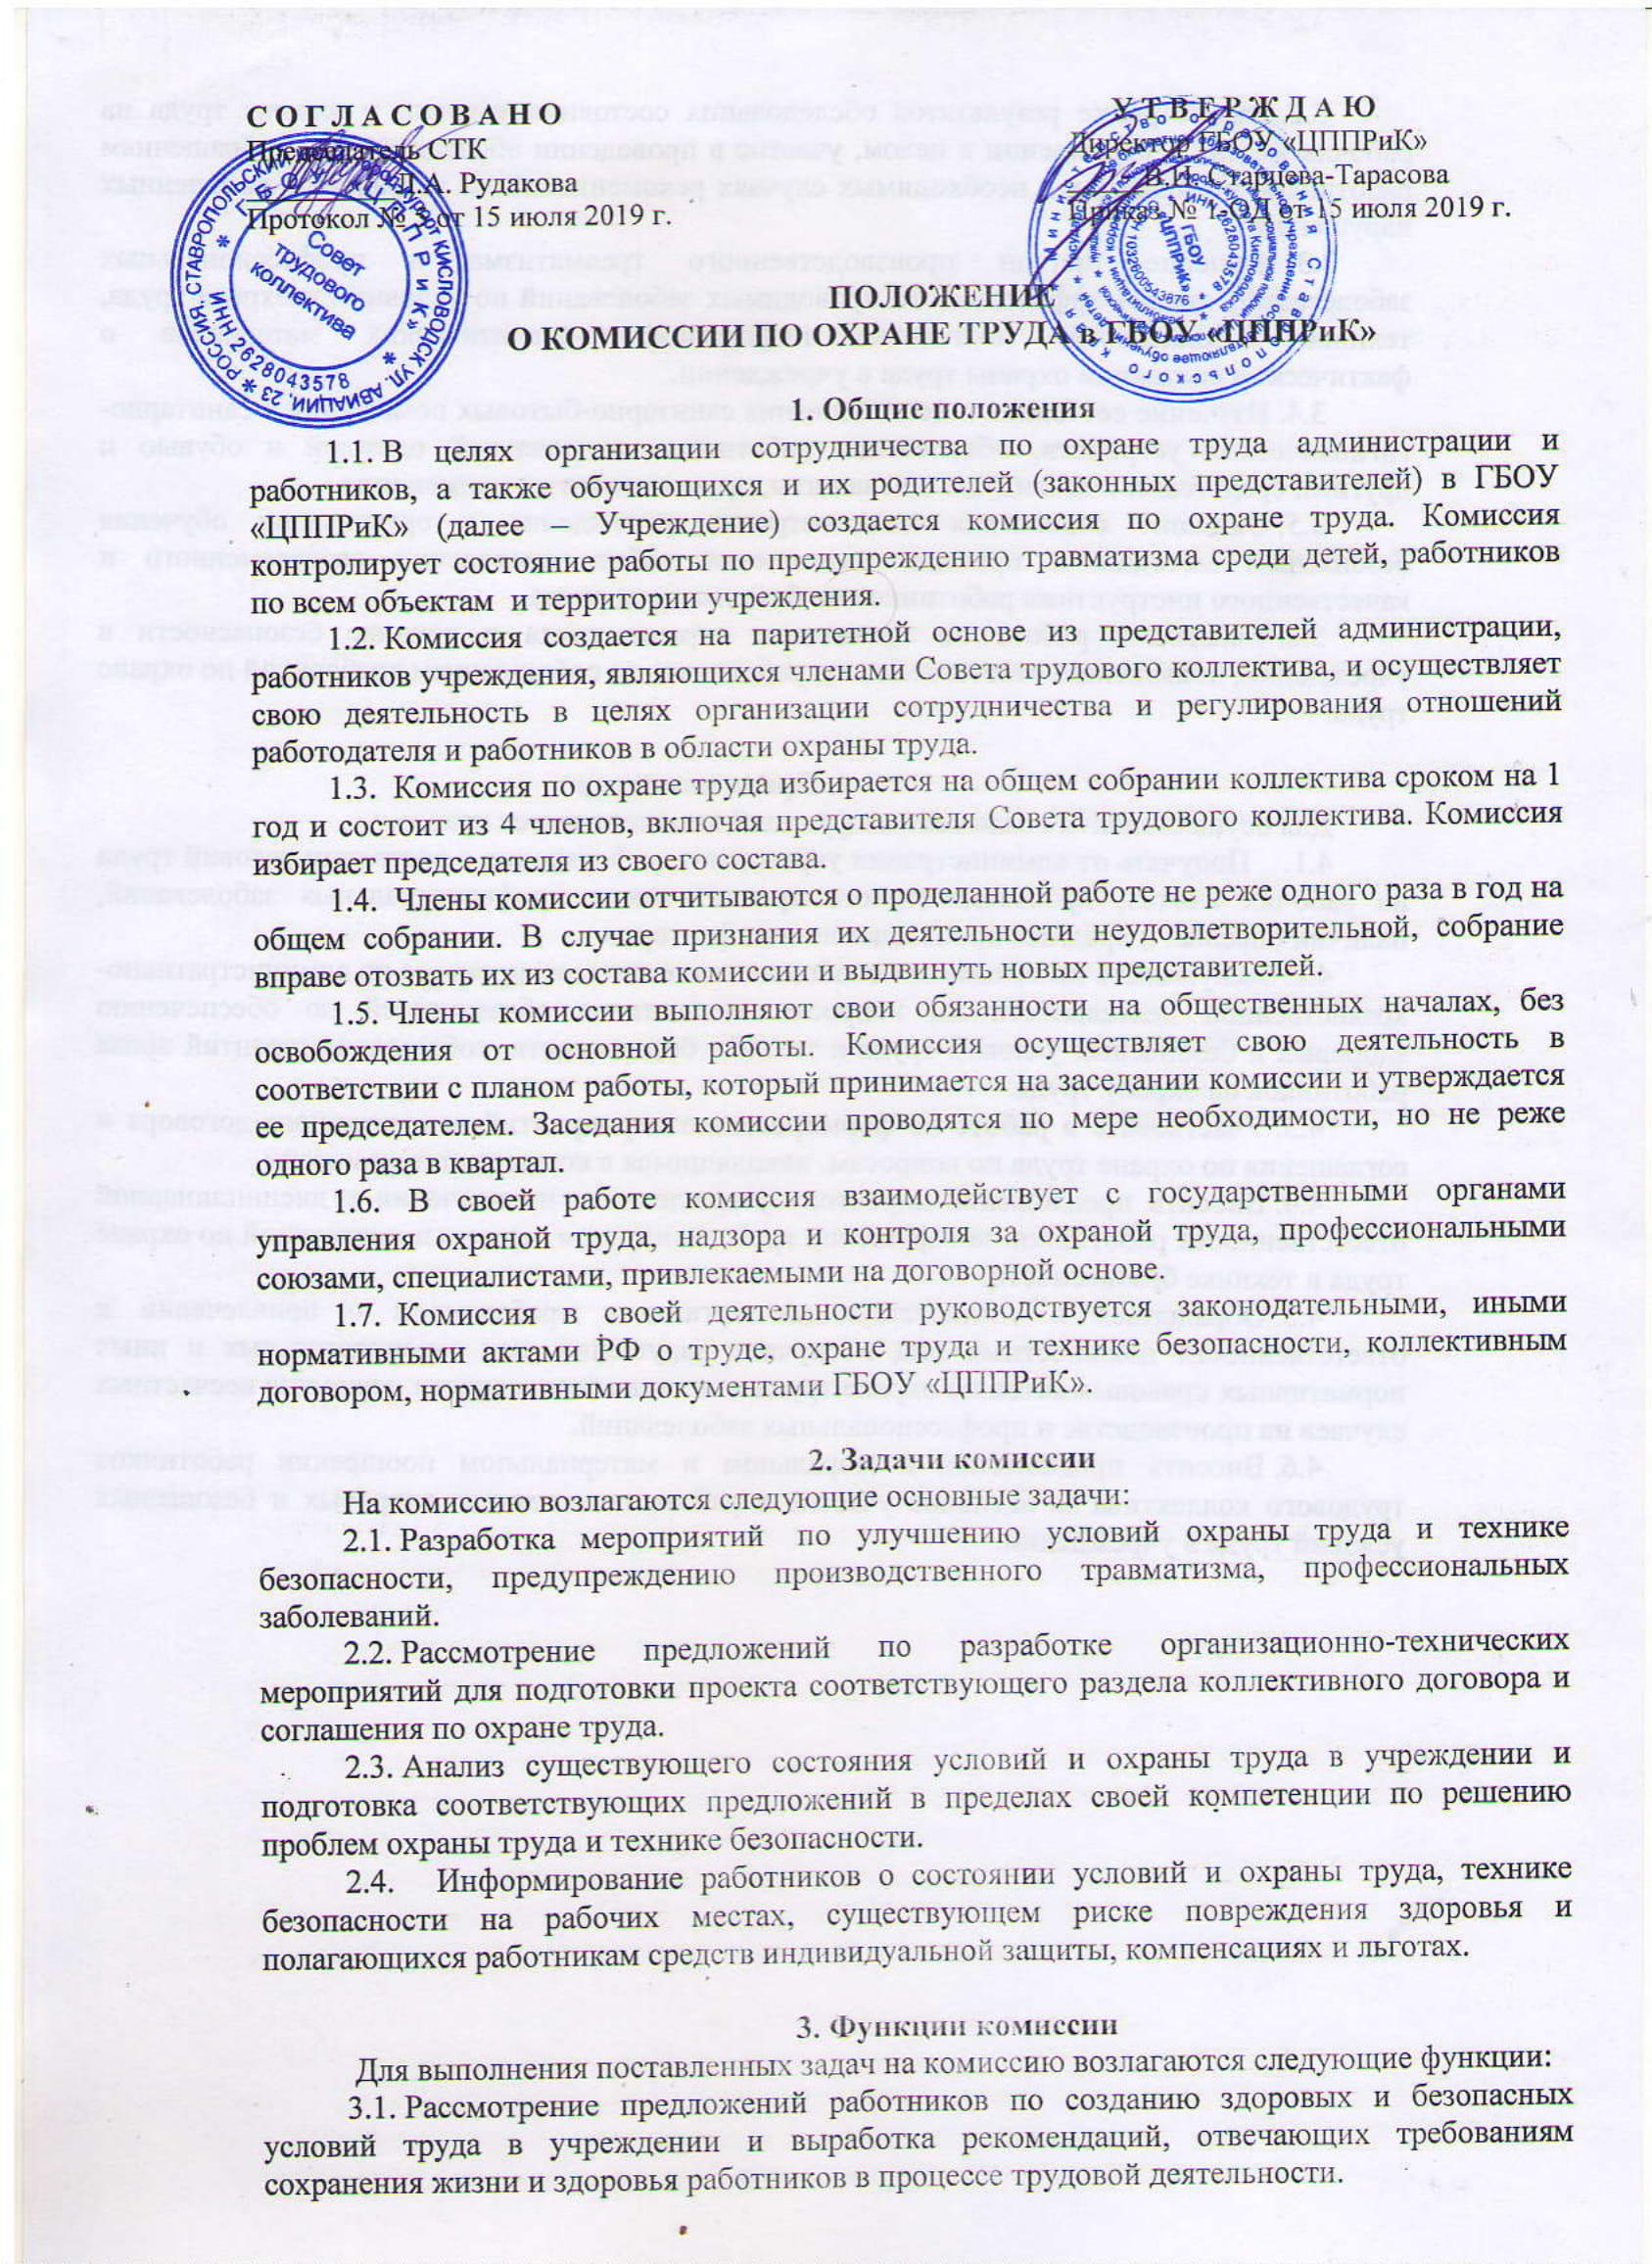 Положение о комиссии по охране труда-1